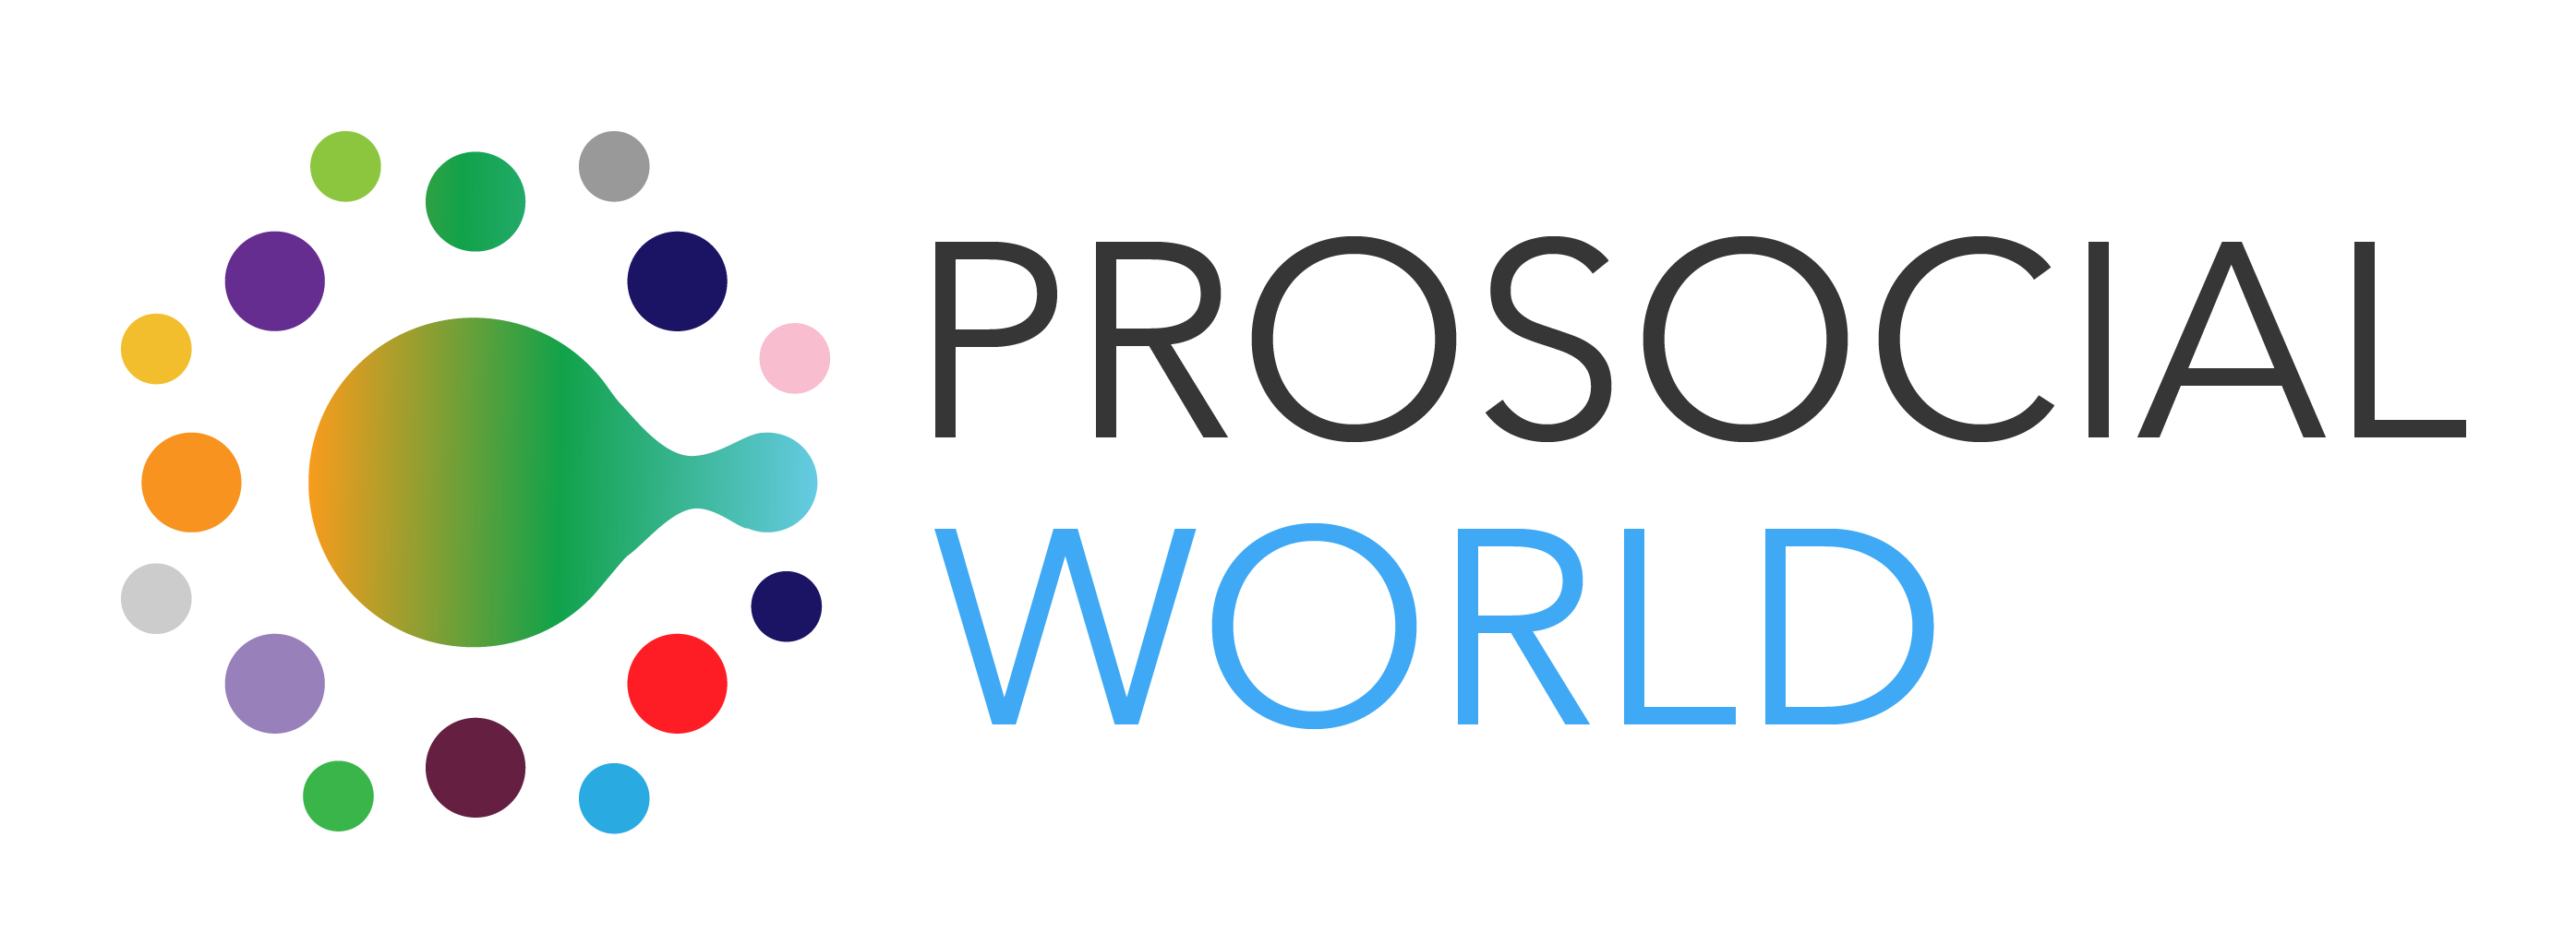 Prosocial World Logo